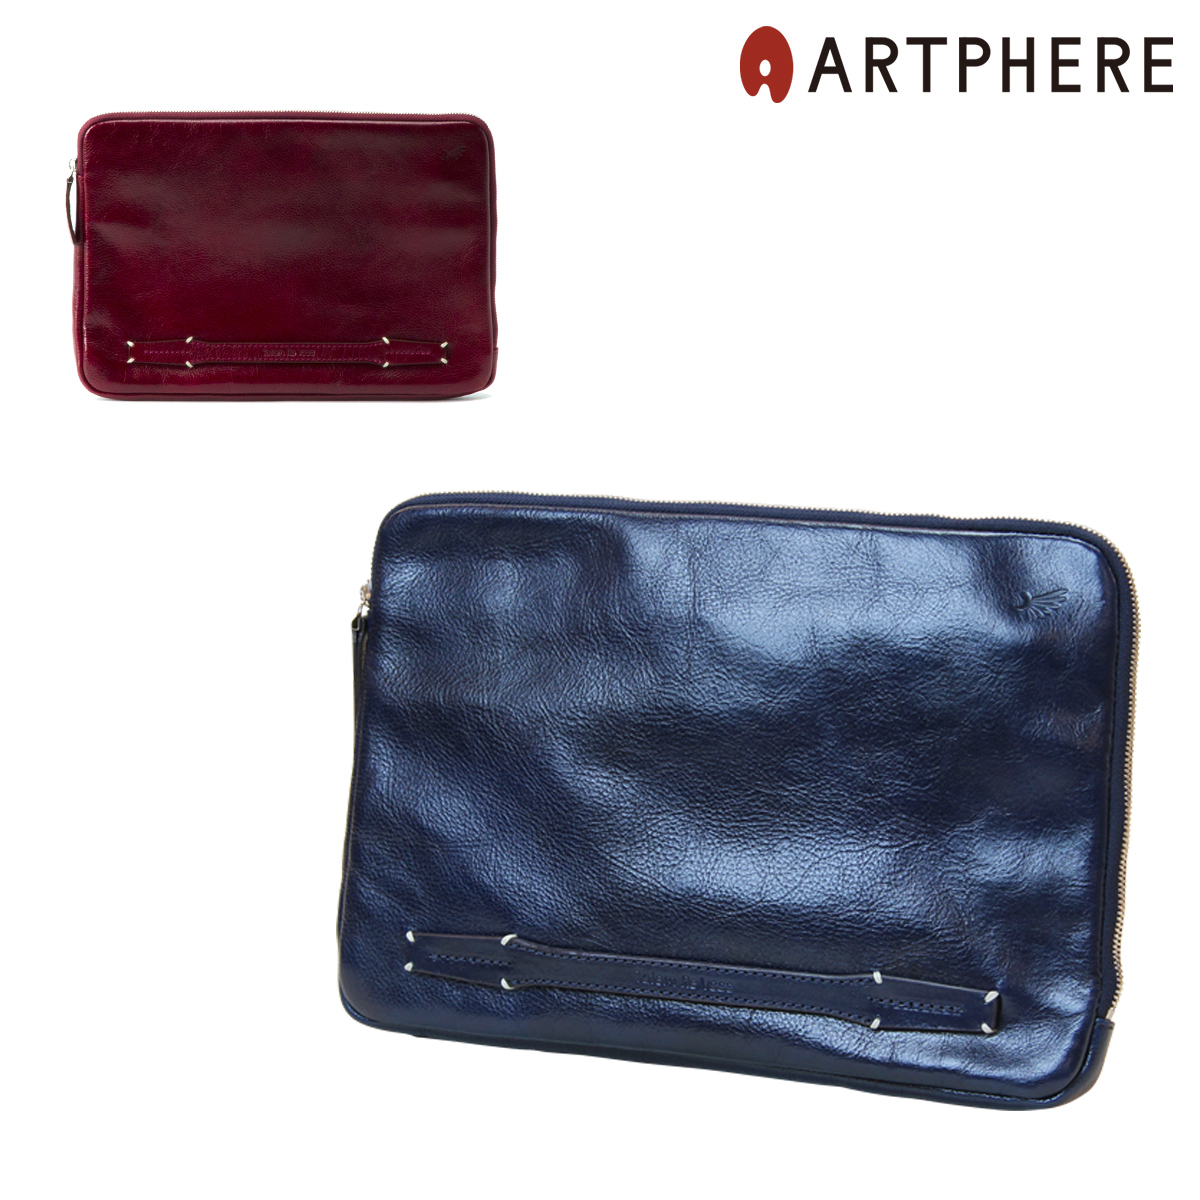 アートフィアー クラッチバッグ トーテムリボー アンティパスト スキン メンズ TRV0406 日本製 ARTPHERE Totem Re Vooo Antipasto Skin | セカンドバッグ ポーチ 牛革 レザー